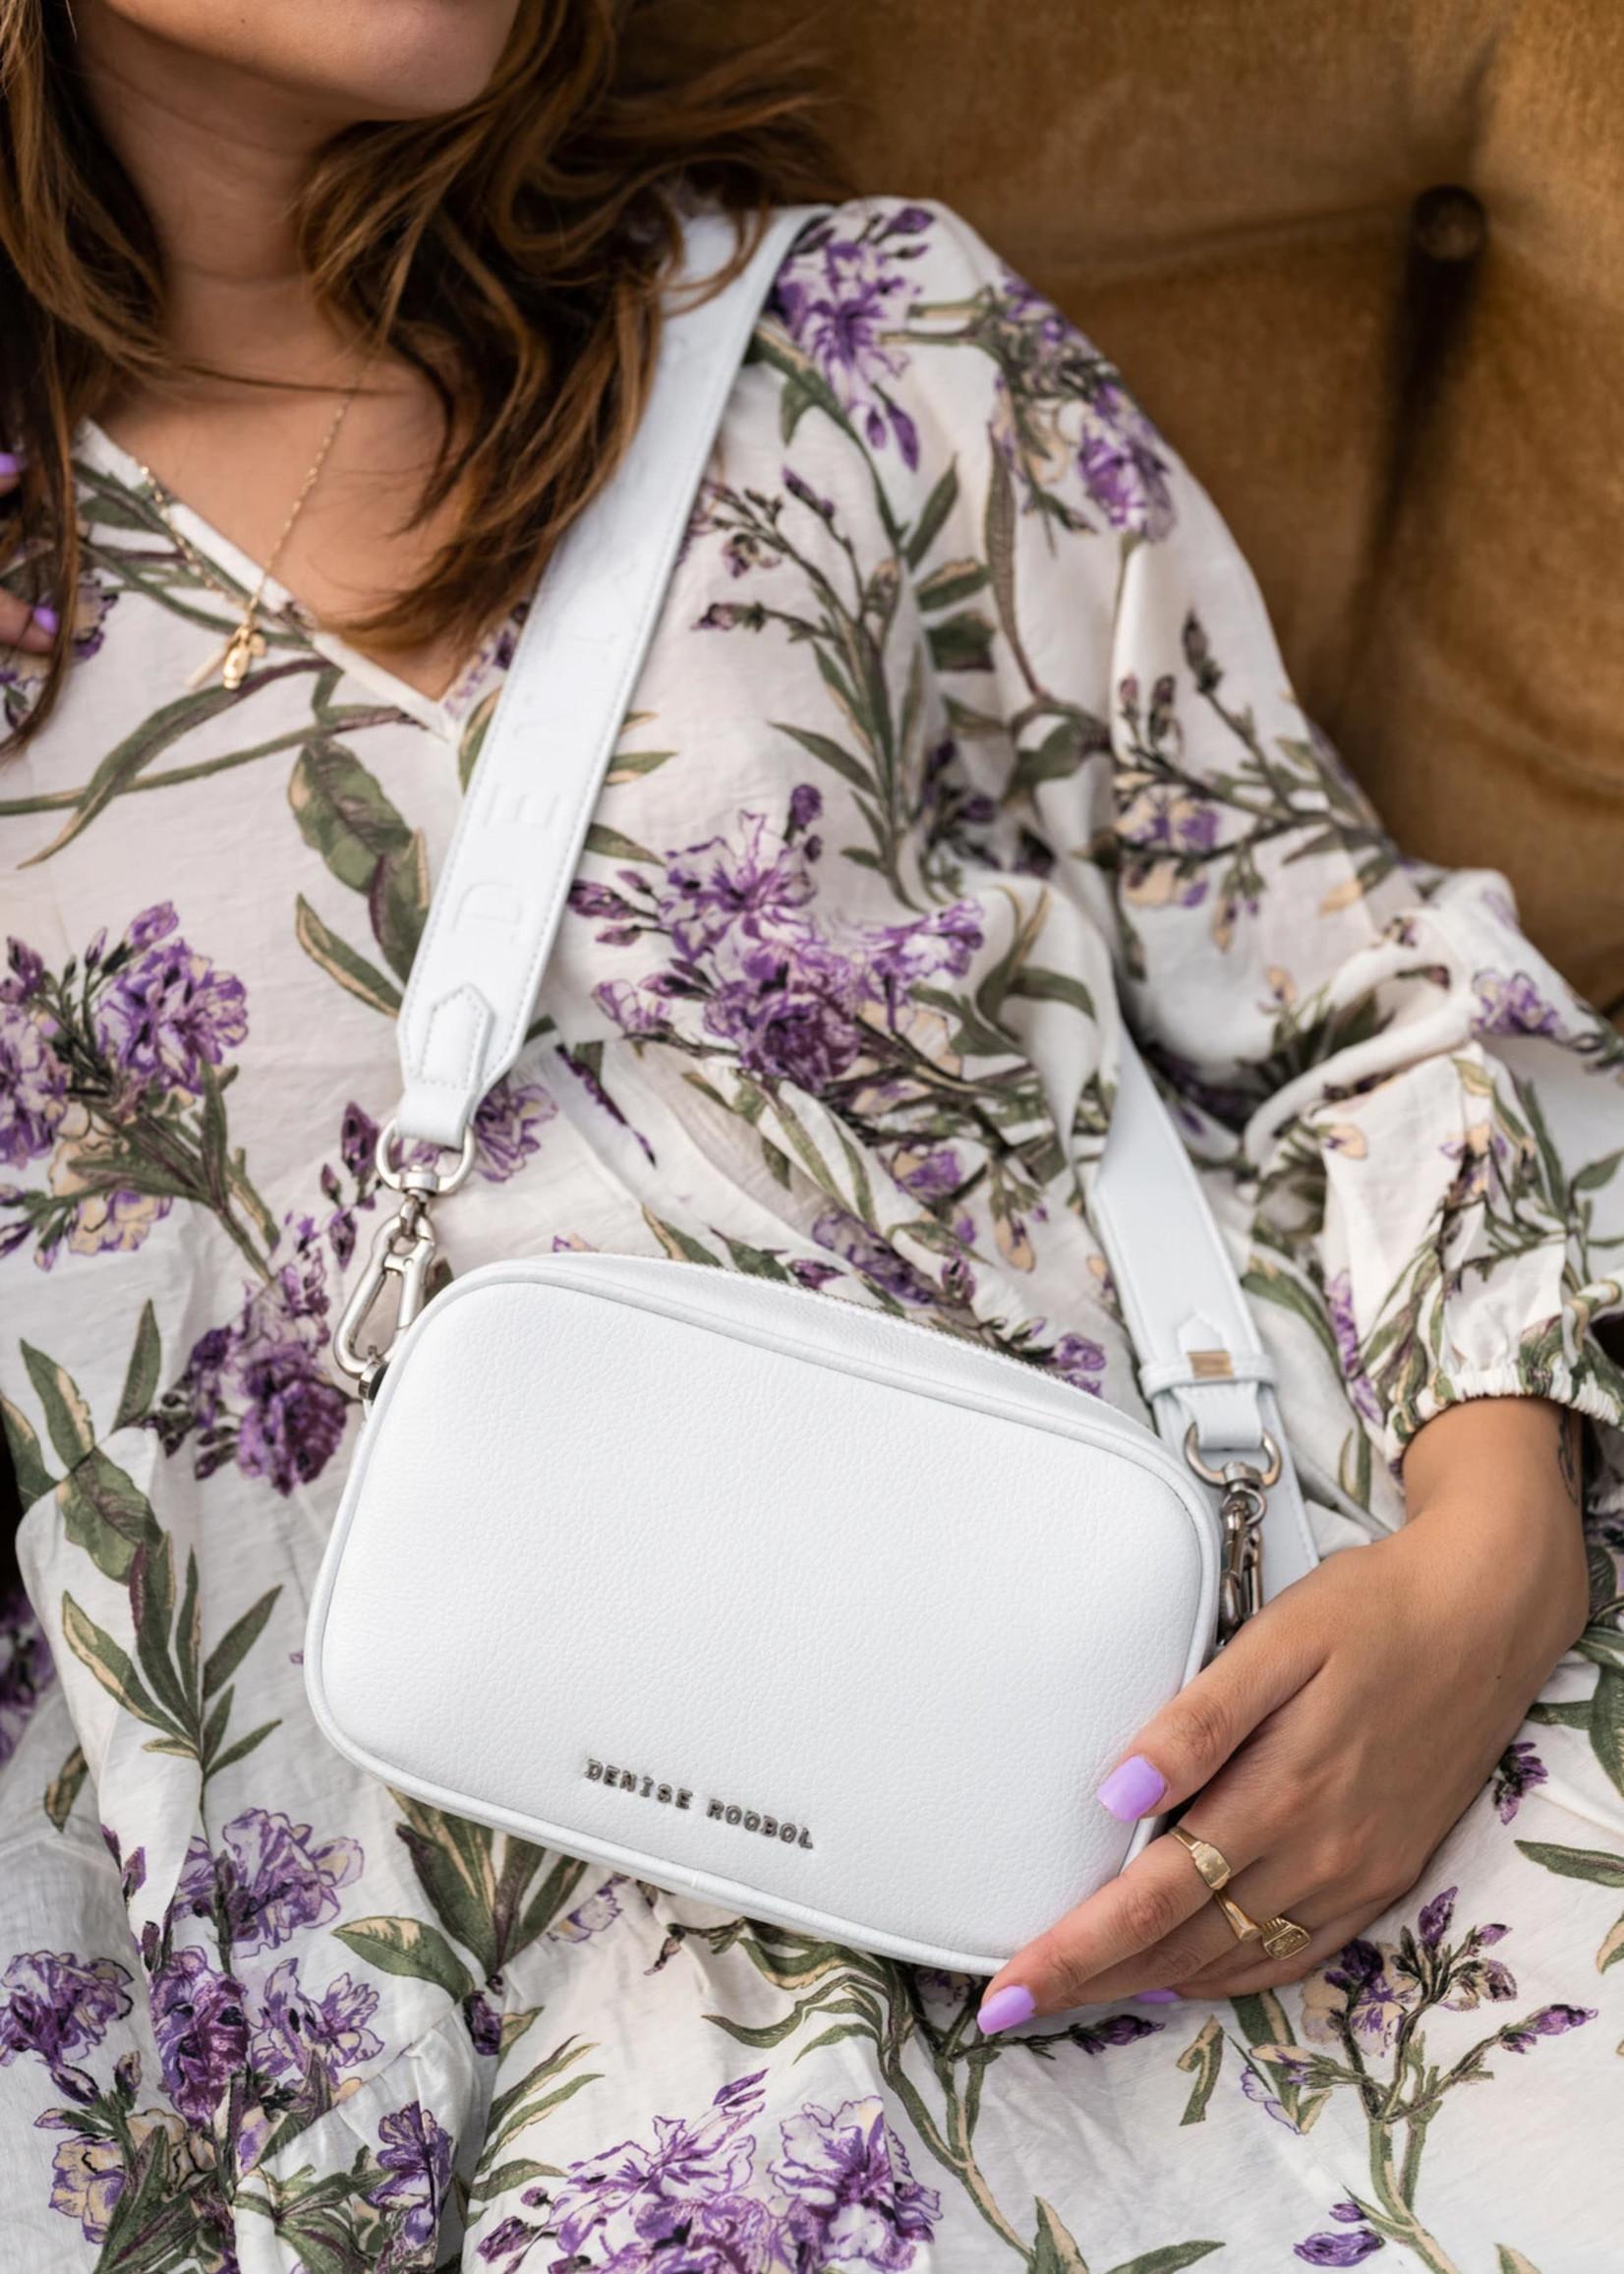 Denise Roobol Mini Messenger Bag White